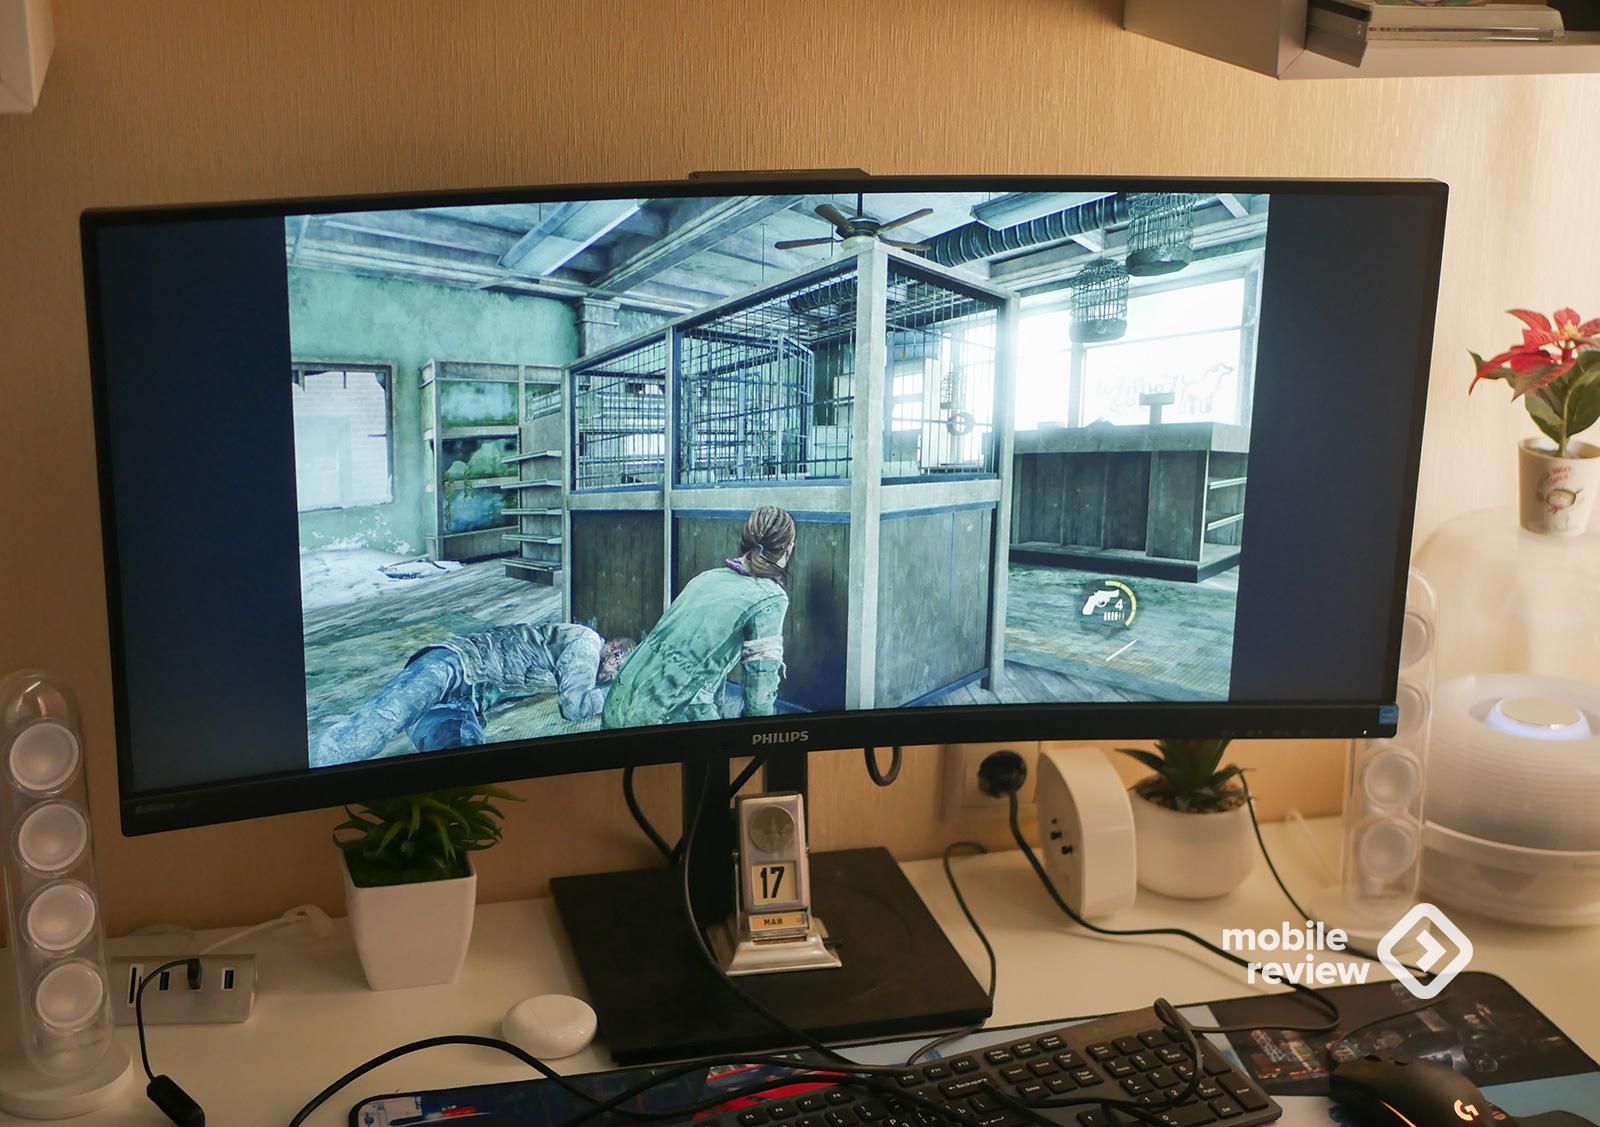 Работа с UltraWide‑монитором на примере Philips346P1CRH